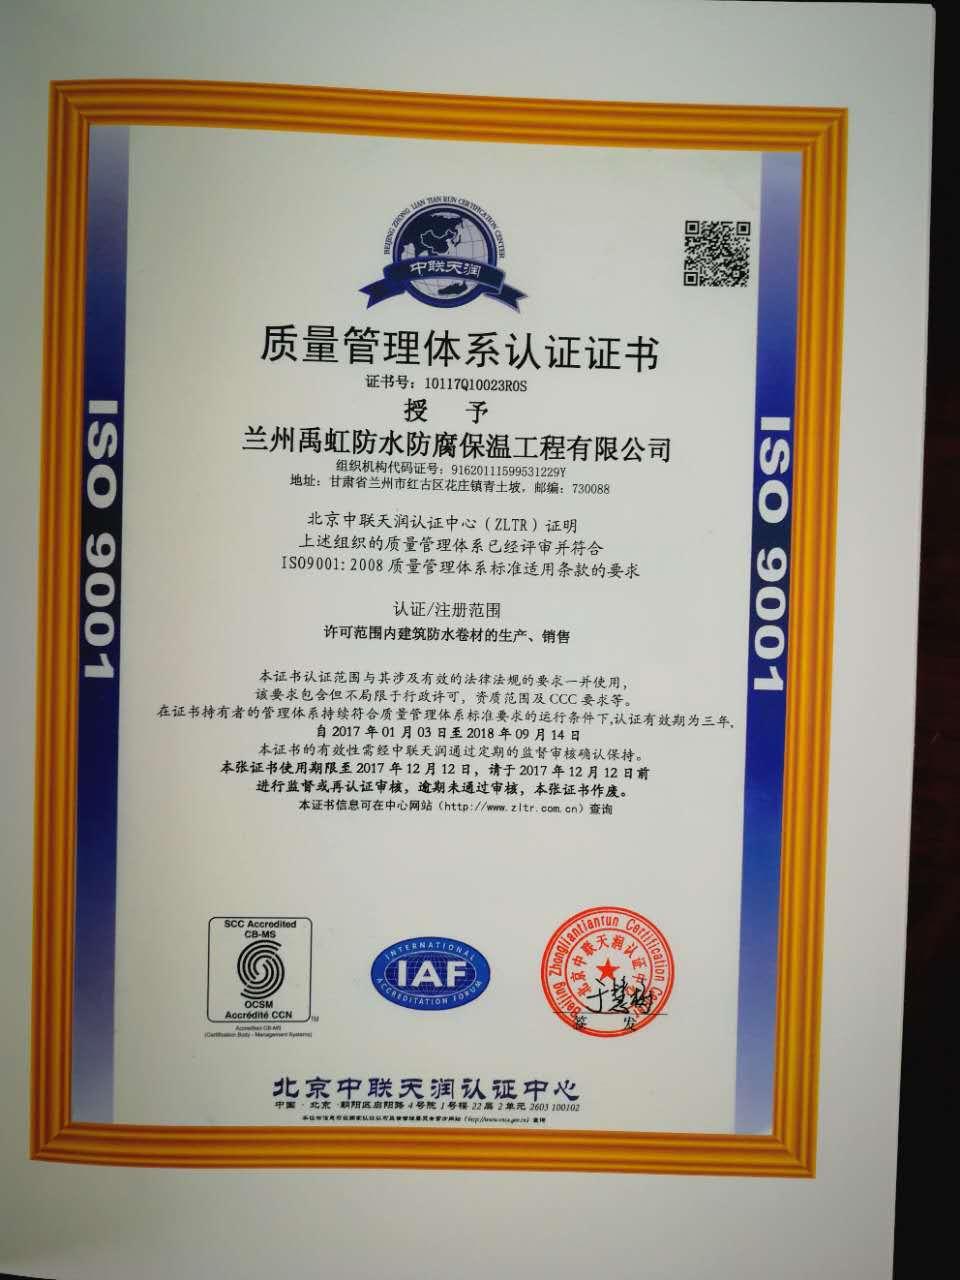 质量管理体系认证证书 (2).jpg